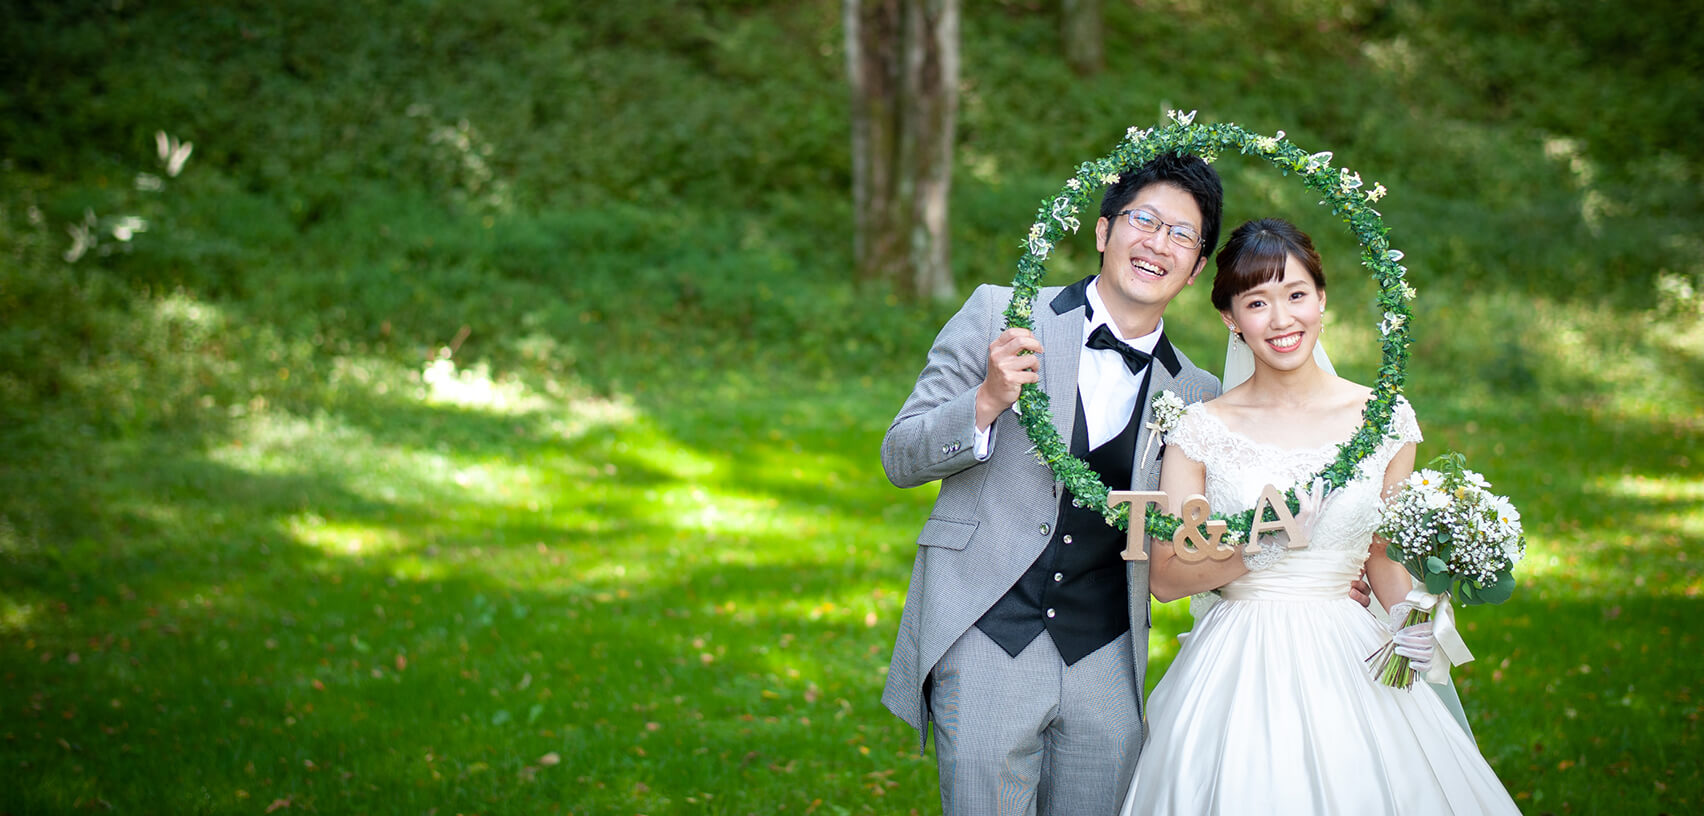 軽井沢の家族婚1